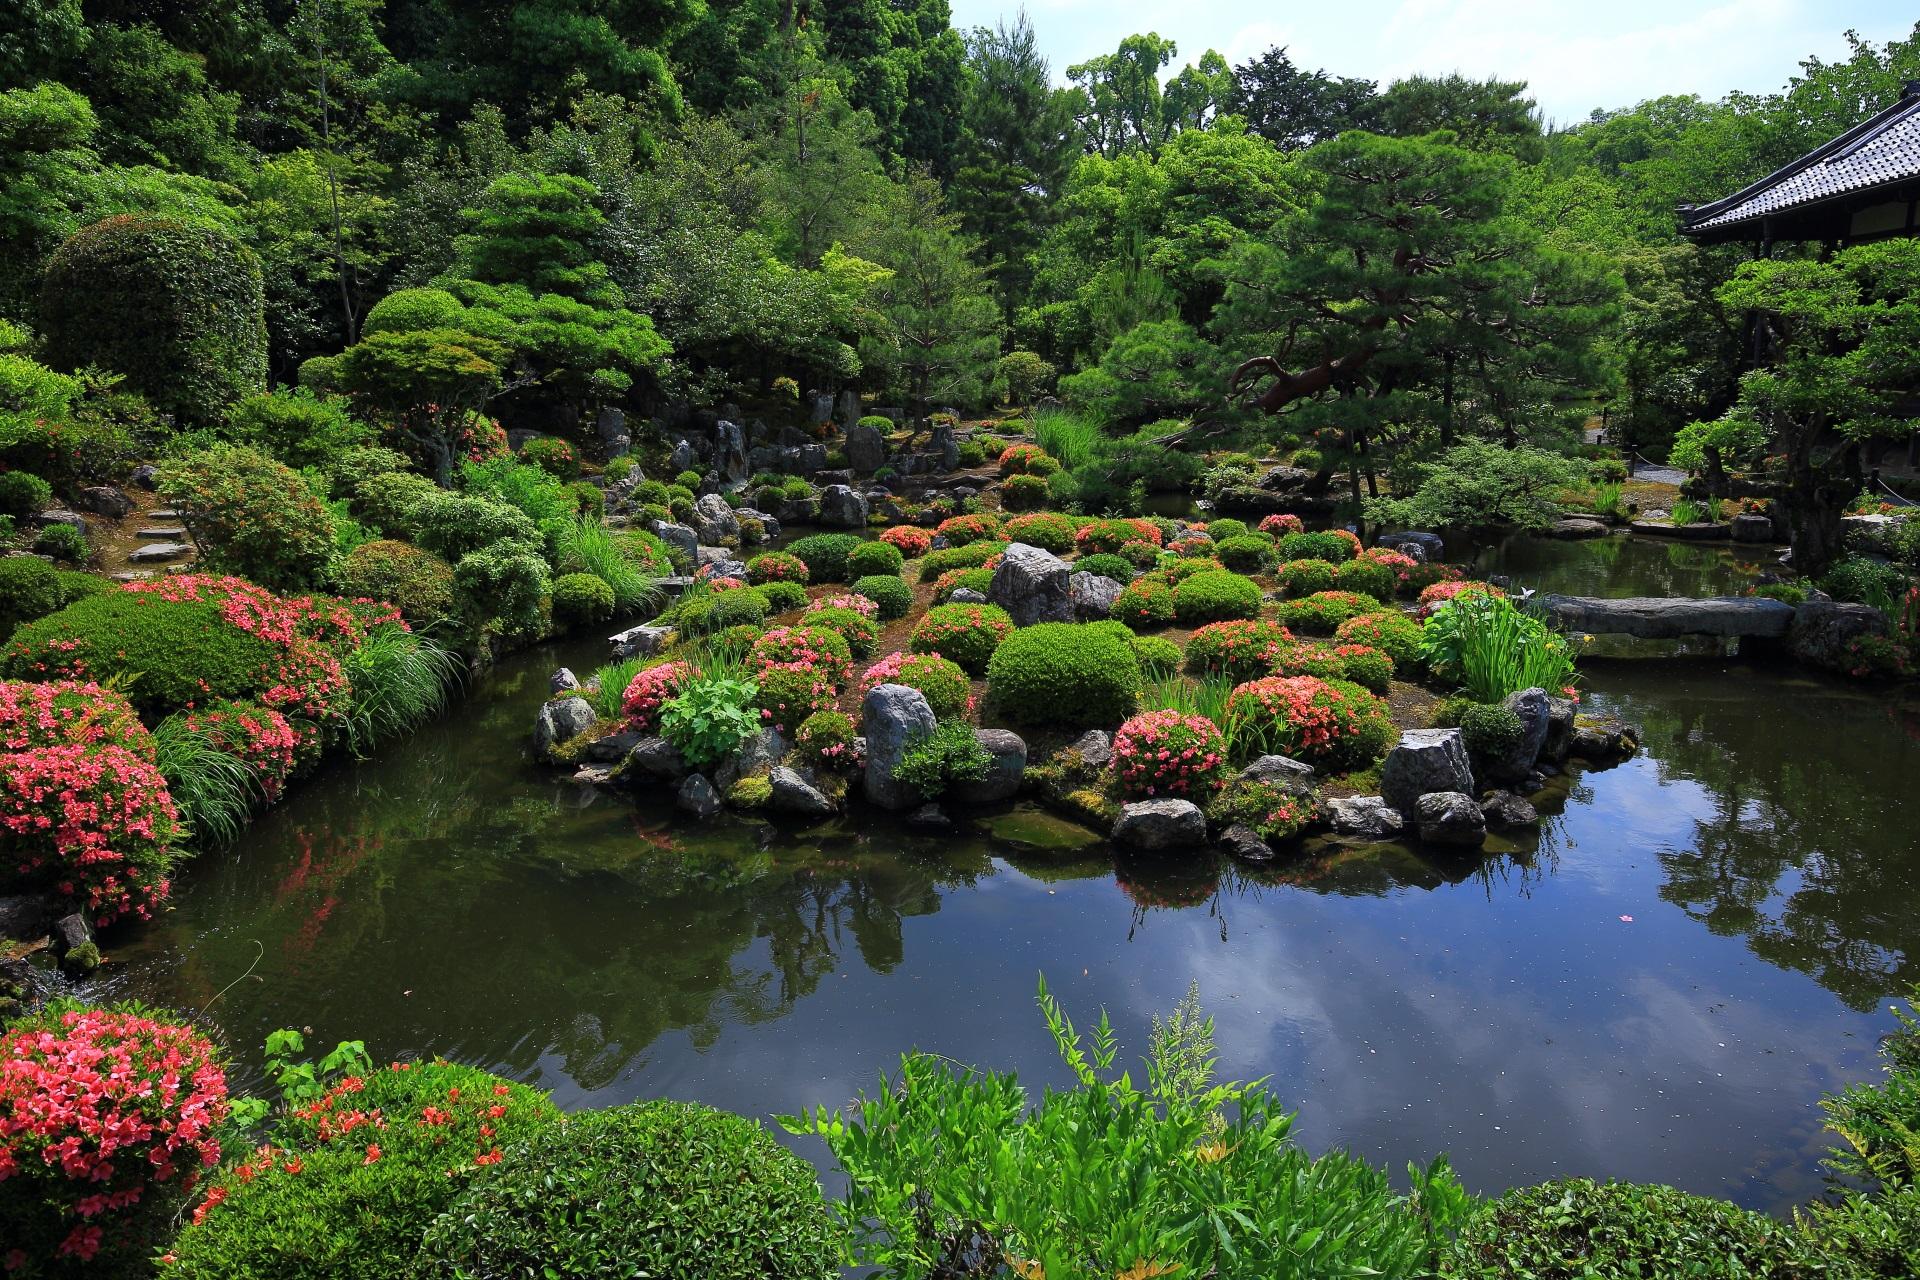 等持院の多彩な彩りにつつまれた華やかな水辺の景色